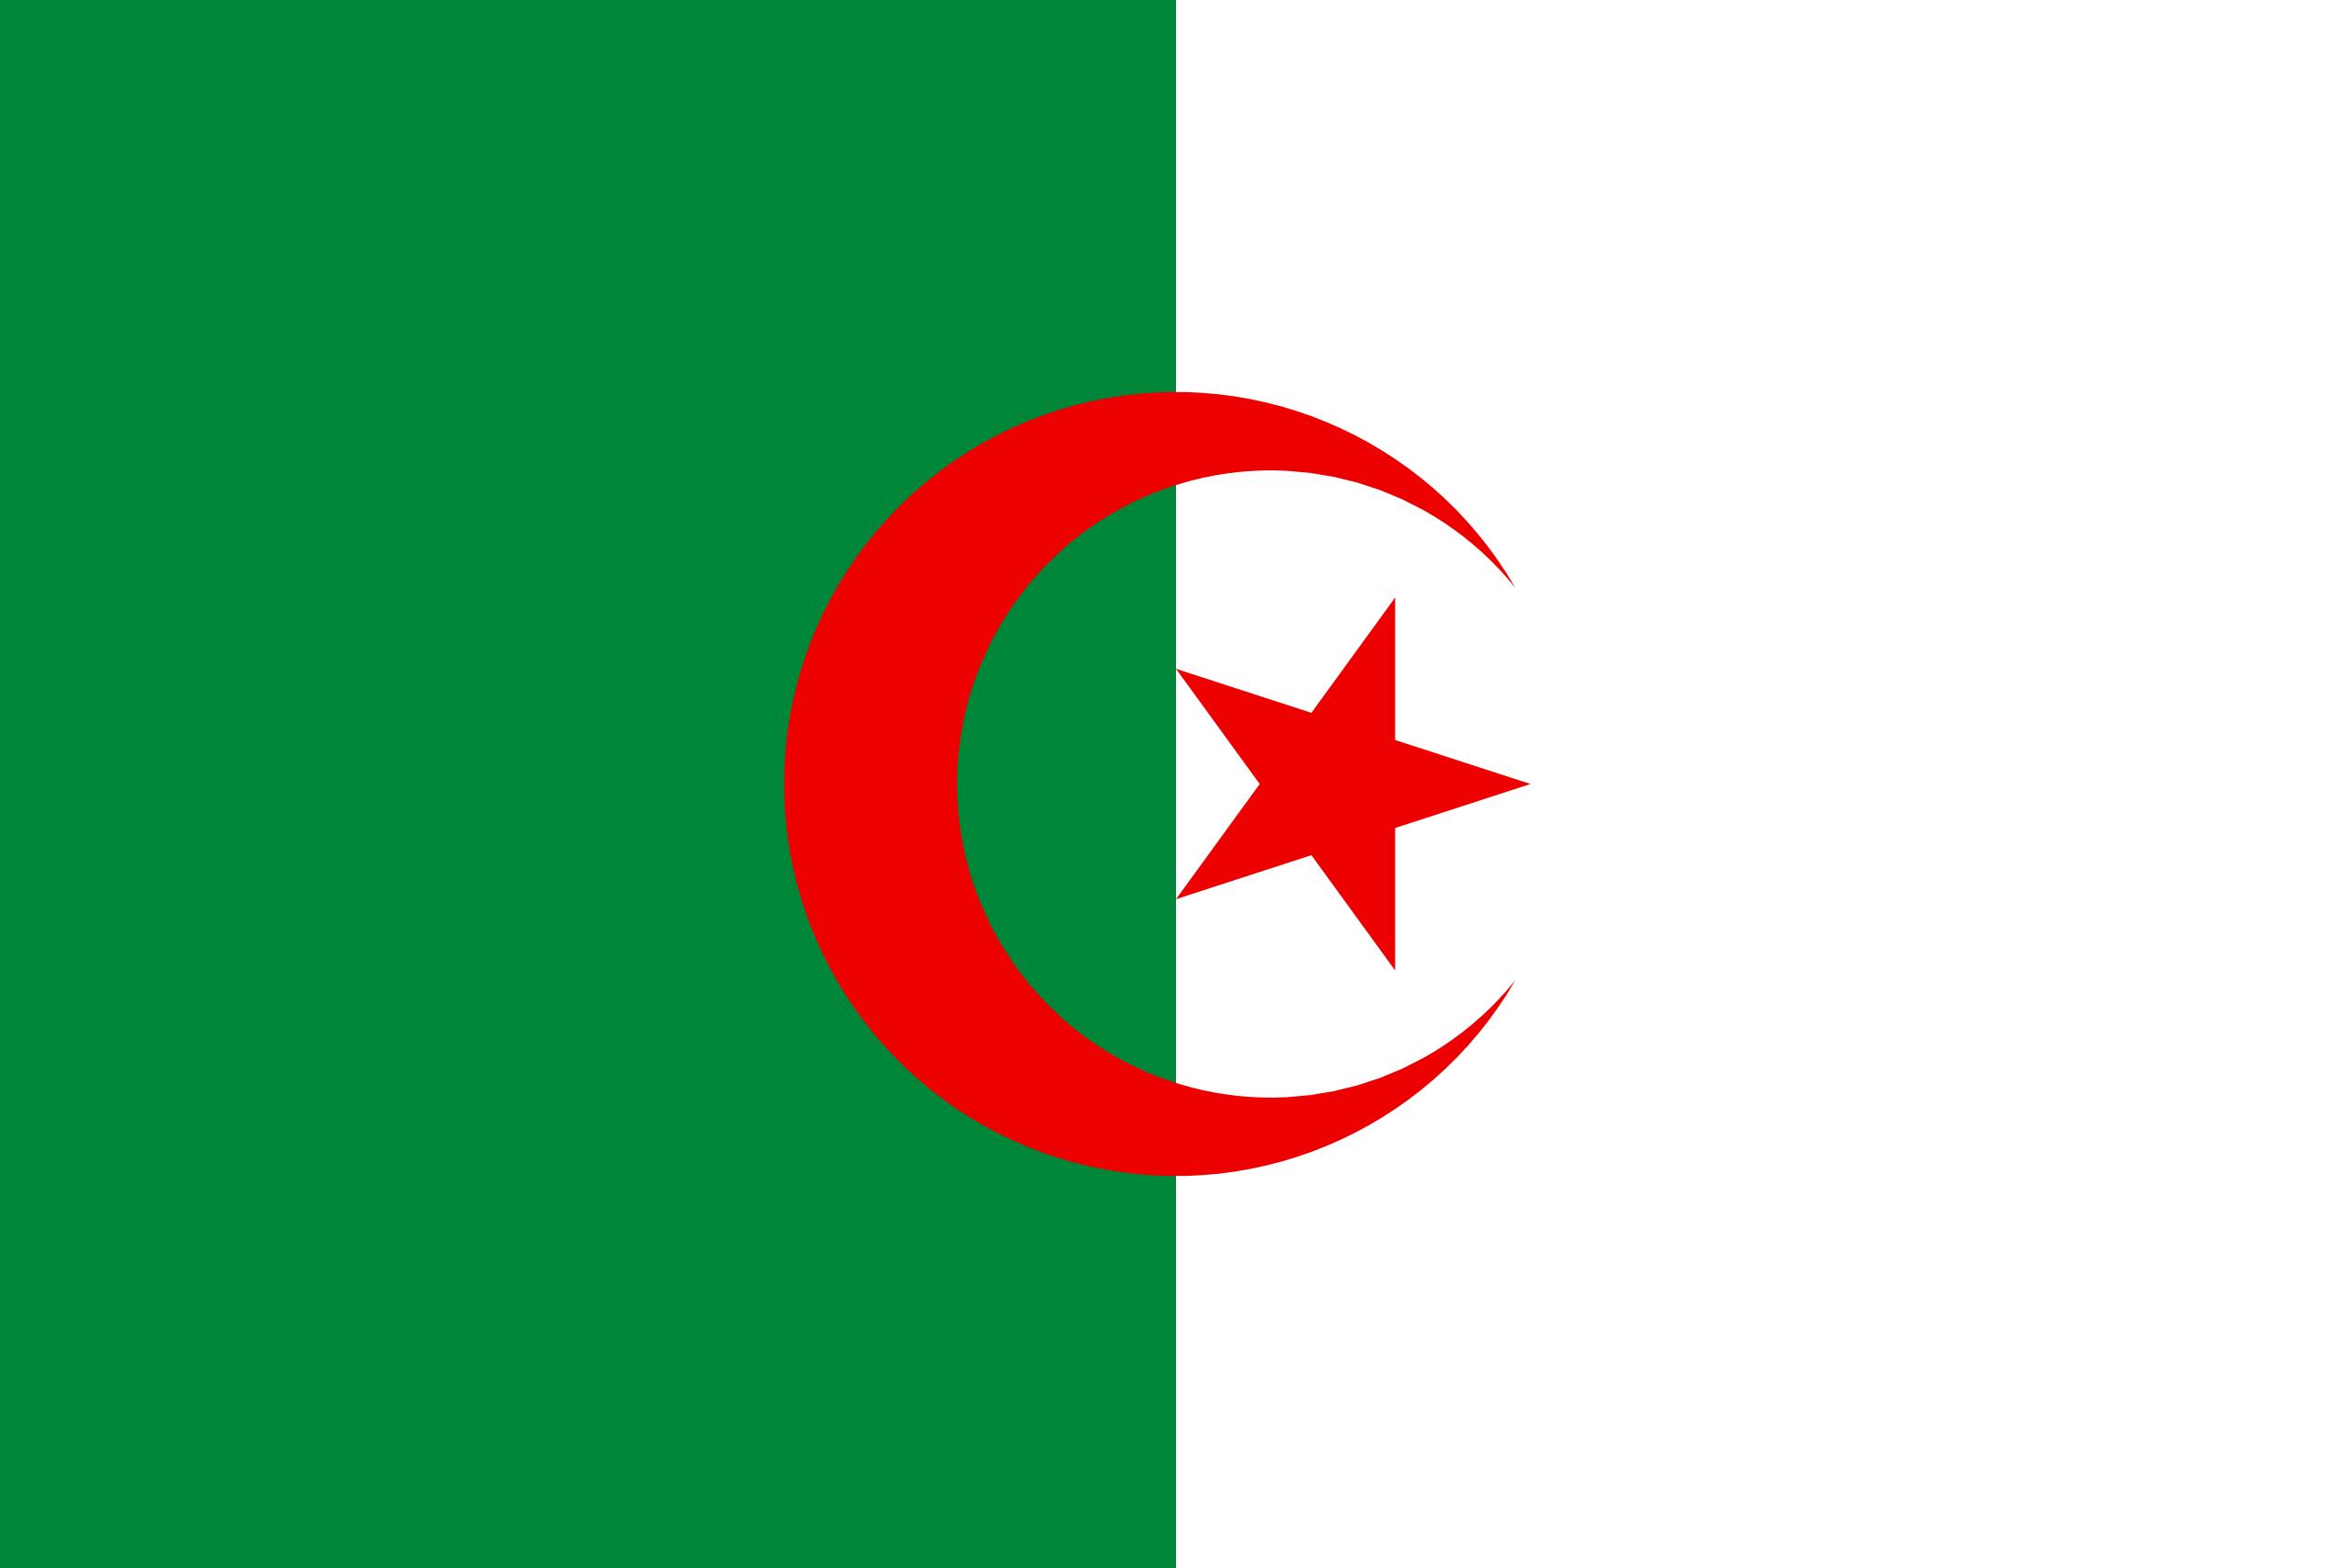 Argélia, país, Brasão de armas, logotipo, símbolo - Papéis de parede HD - Professor-falken.com